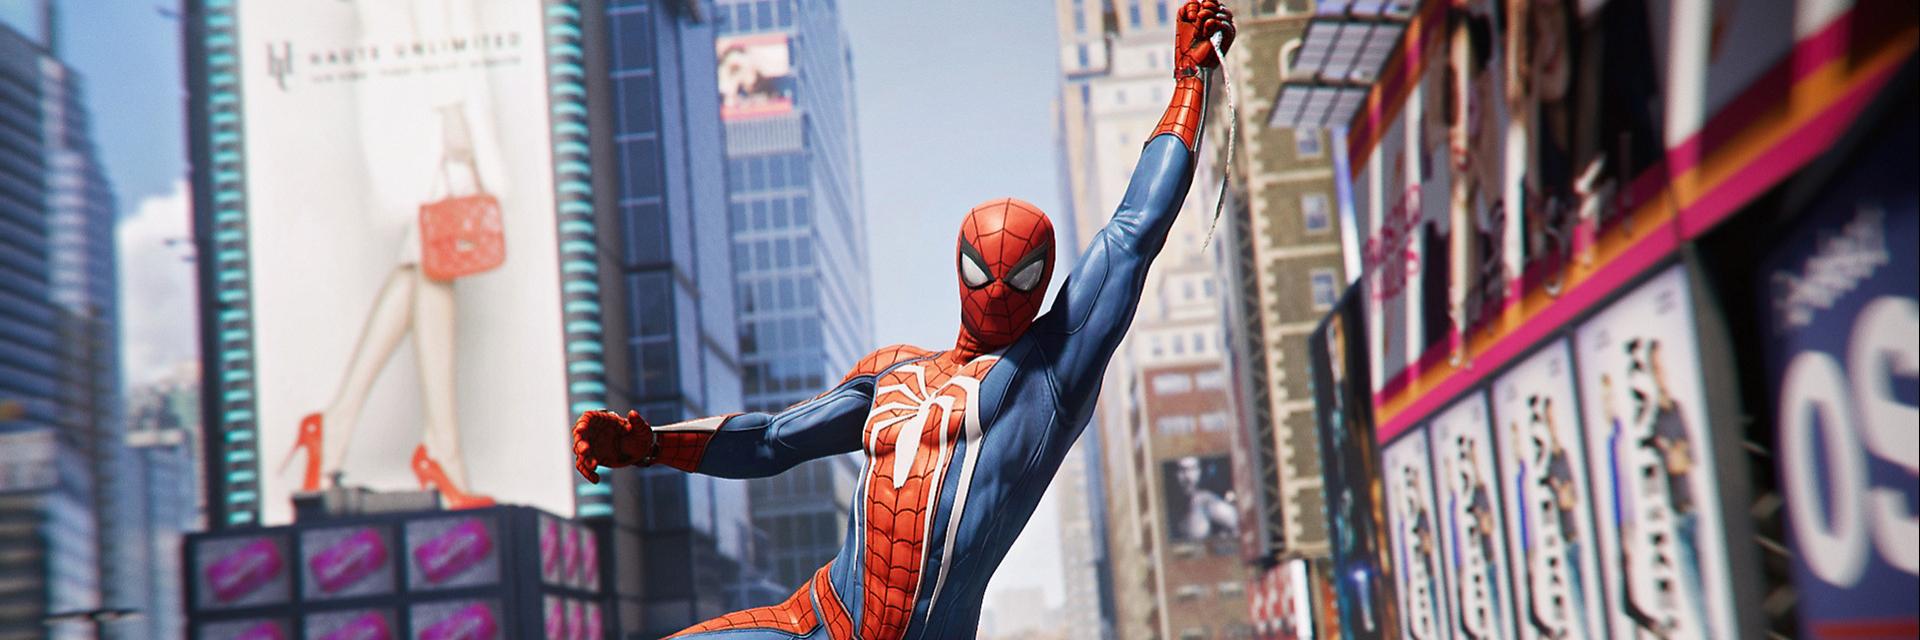 【講 GAME 話】大家最愛的社區型英雄!《漫威蜘蛛人》服裝煥然一新 戰鬥畫面超逼真!